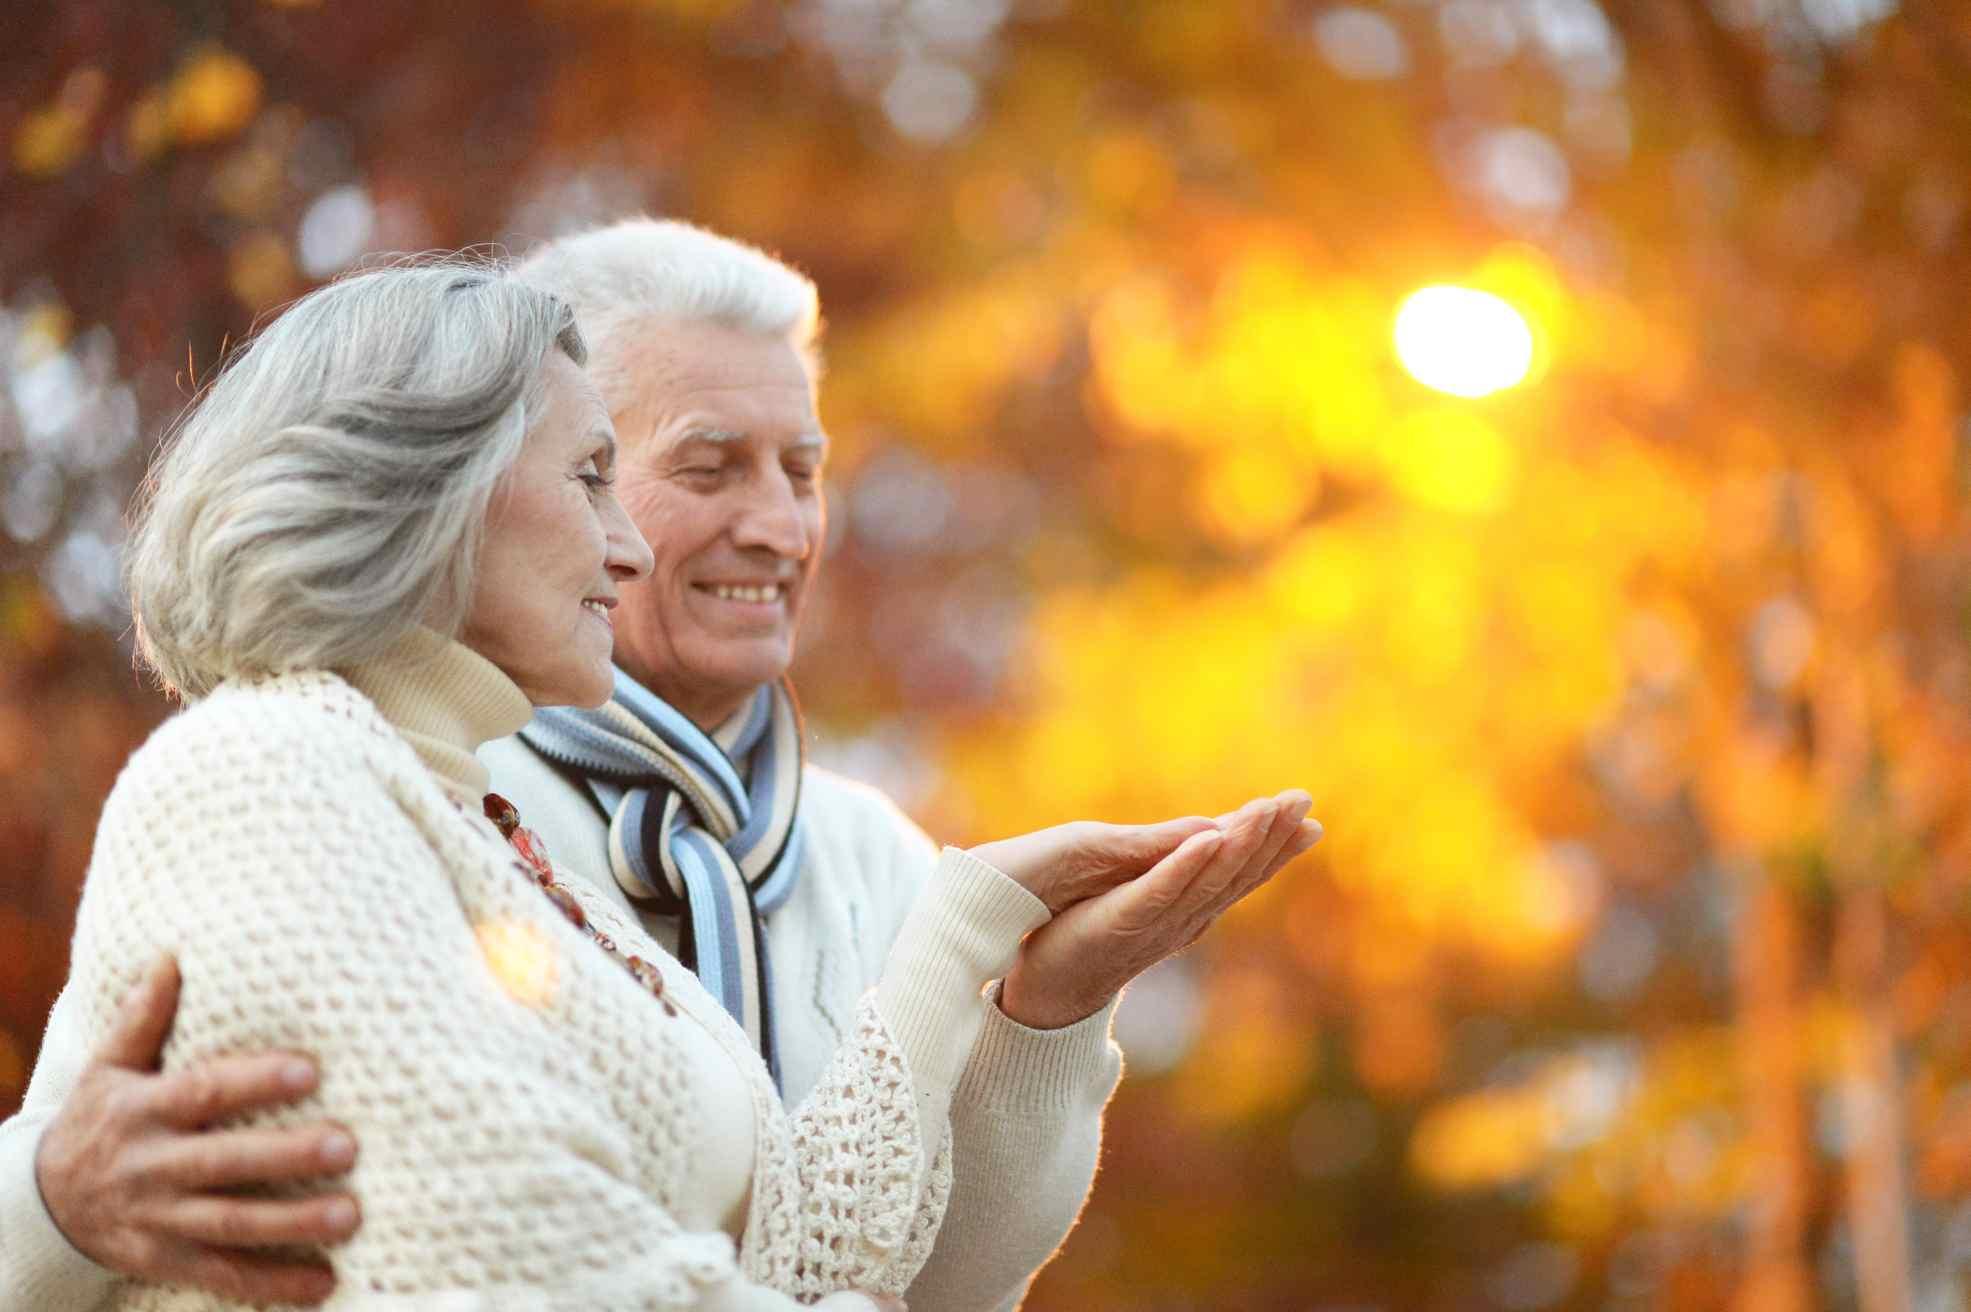 ней картинки о счастье возраста этом все желающие